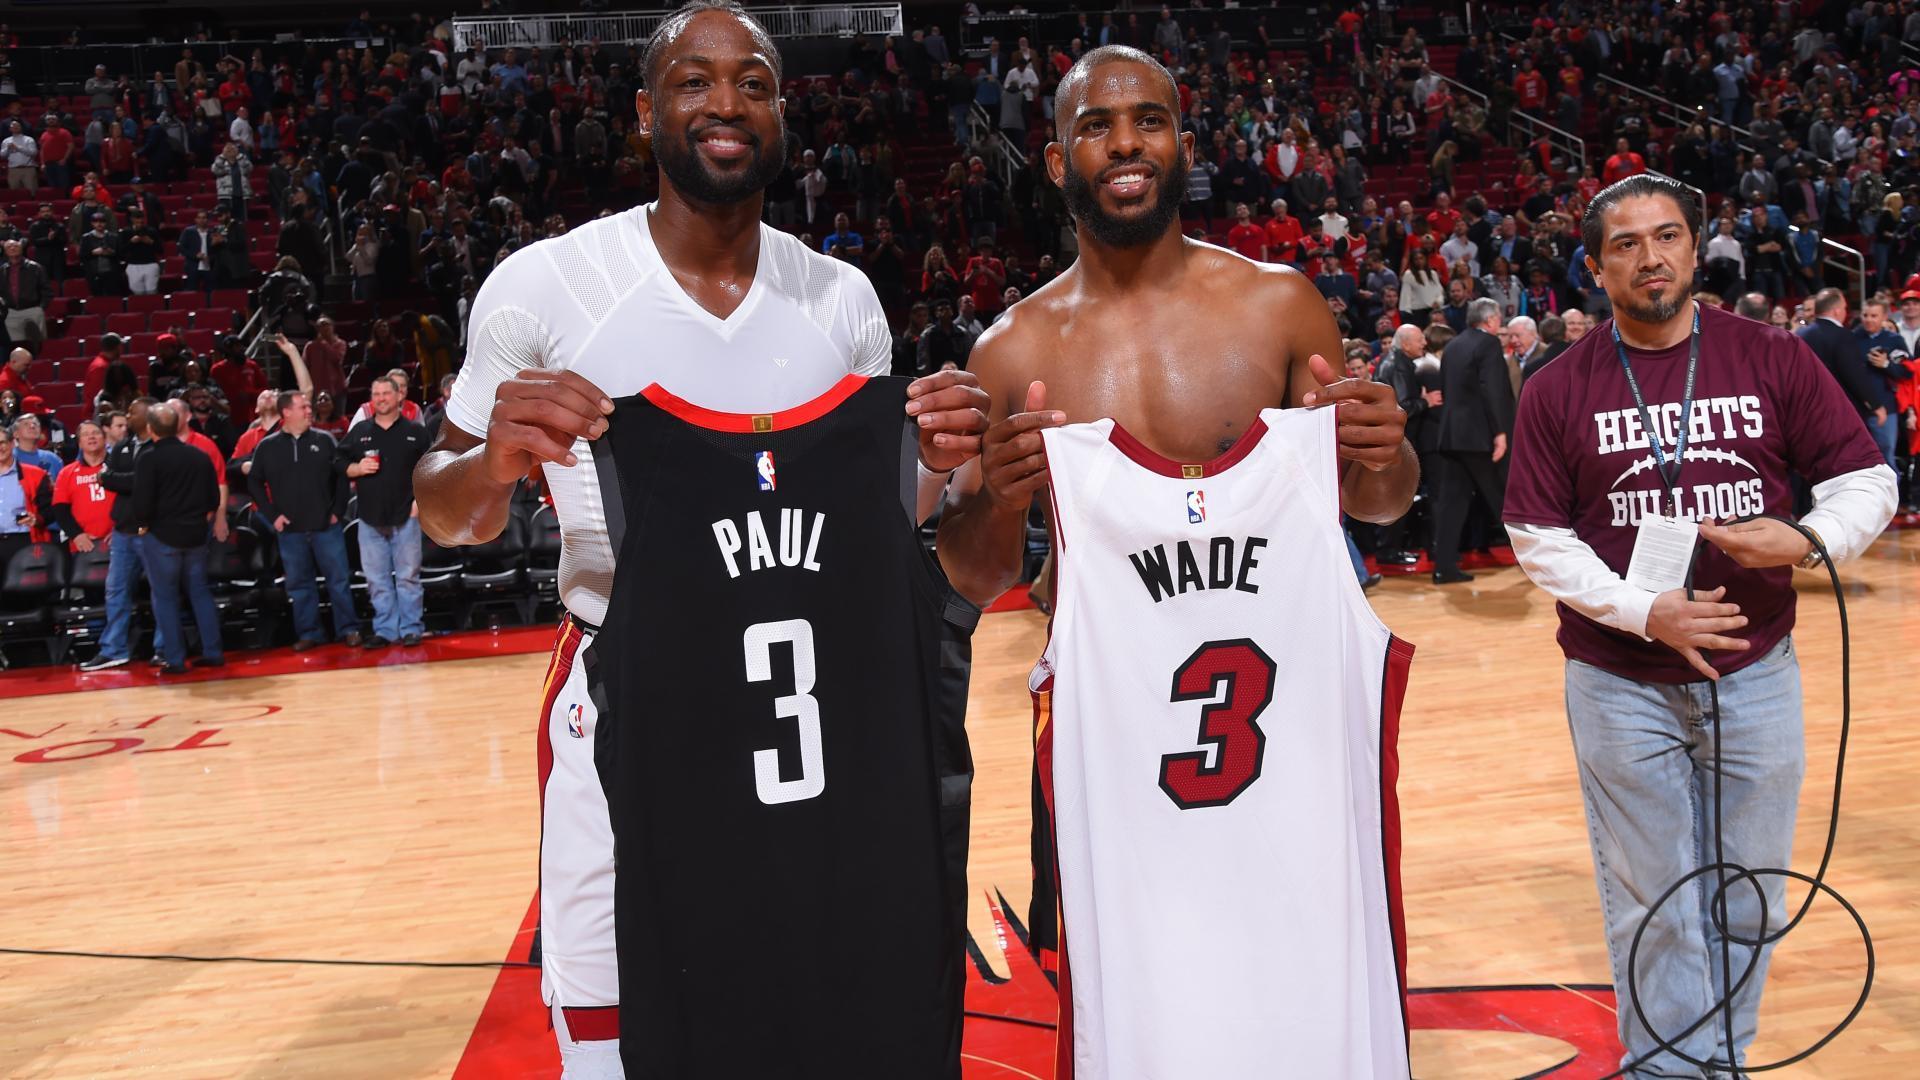 Dwayne Wade and Chris Paul swap jerseys